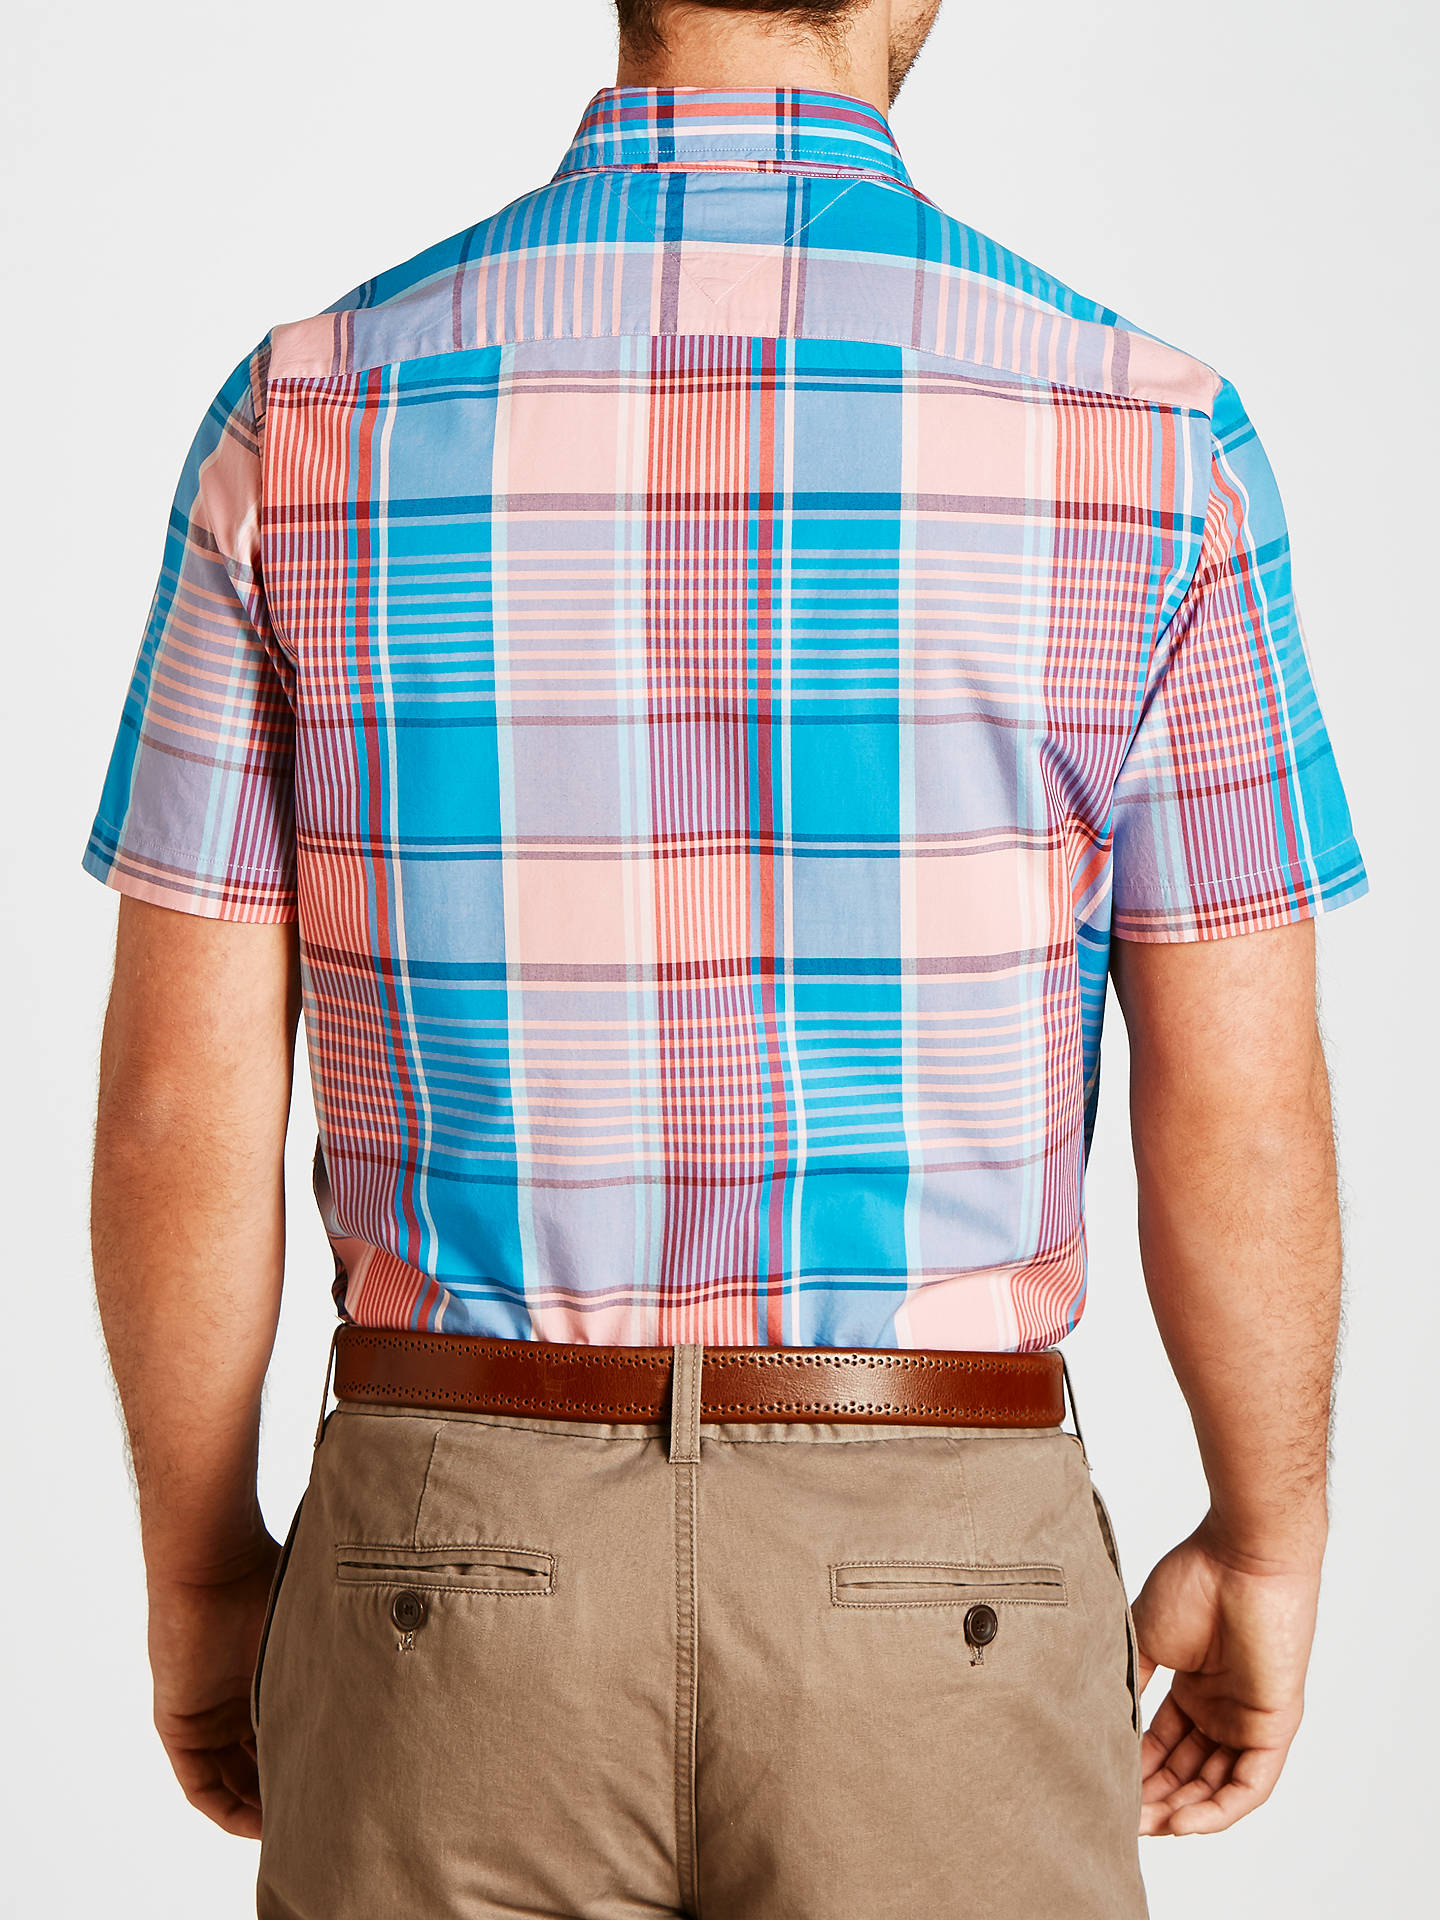 ... BuyTommy Hilfiger O Connor Short Sleeve Shirt 8b6999f45ad9d